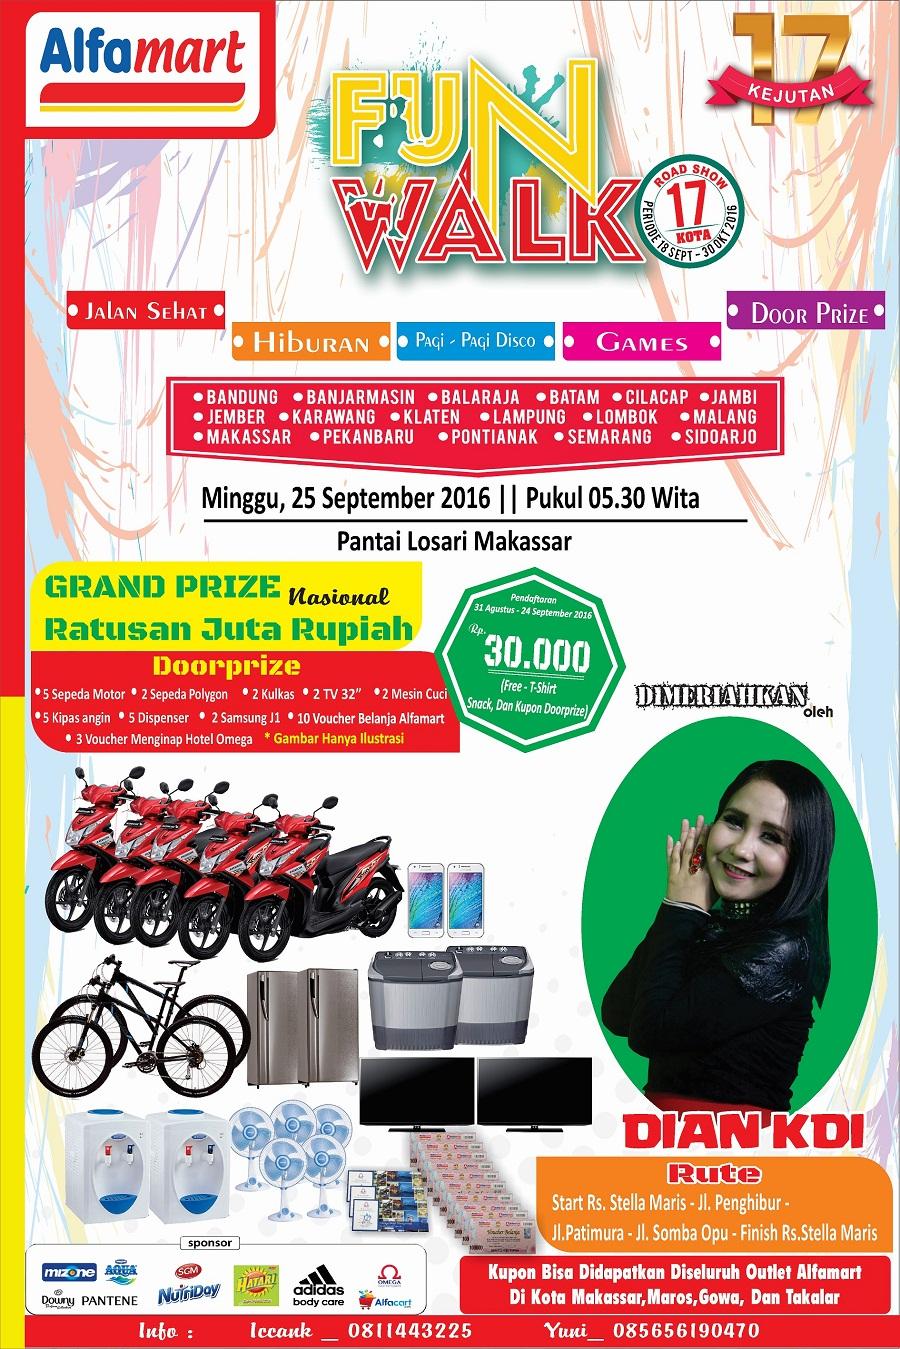 Event Funwalk Alfamart berhadiah Puluhan Juta Rupiah